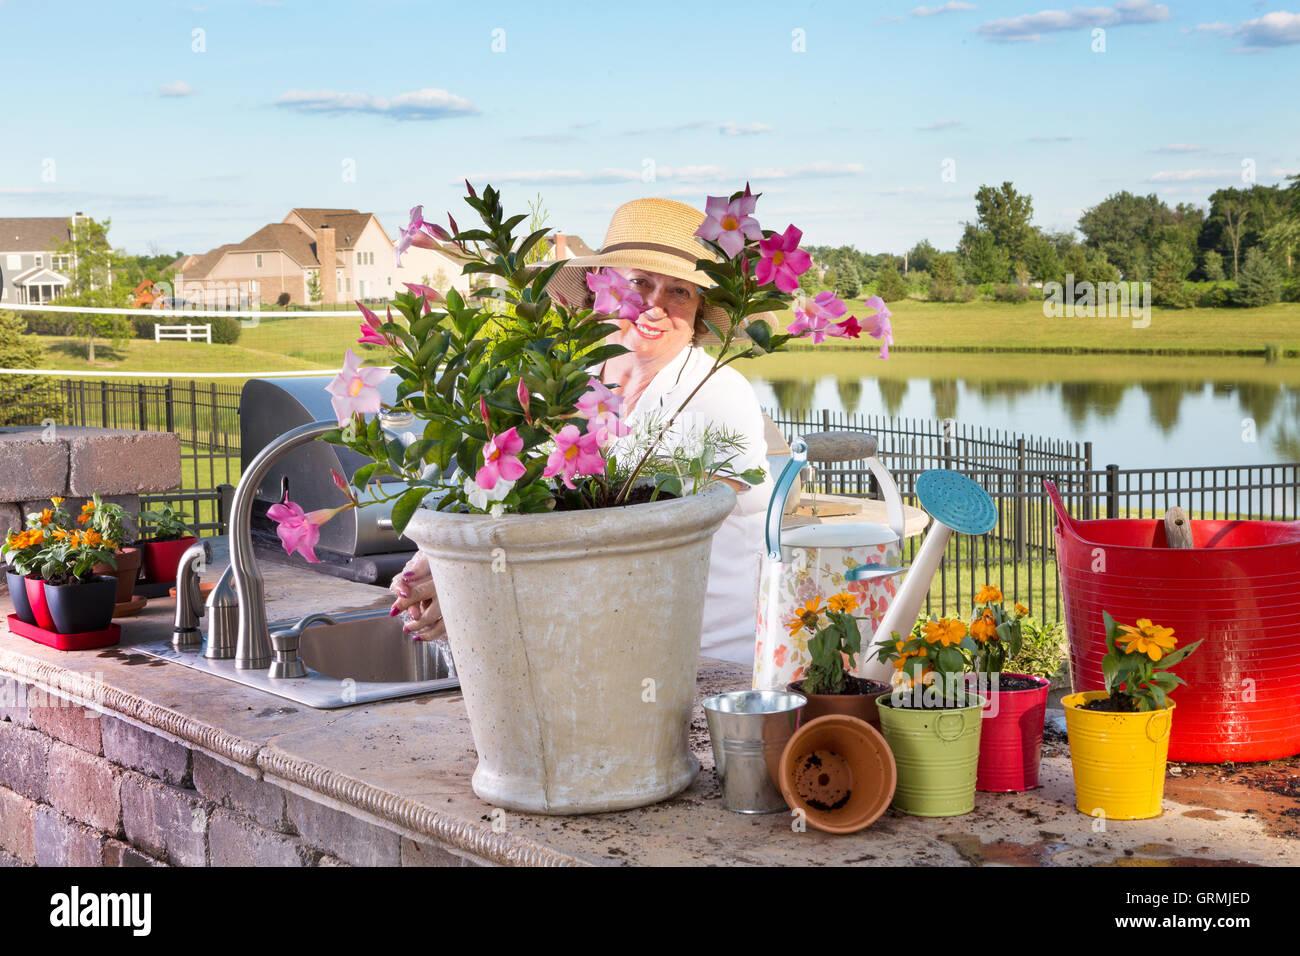 Outdoorküche Mit Spüle Blau : Potted annuals stockfotos & potted annuals bilder alamy